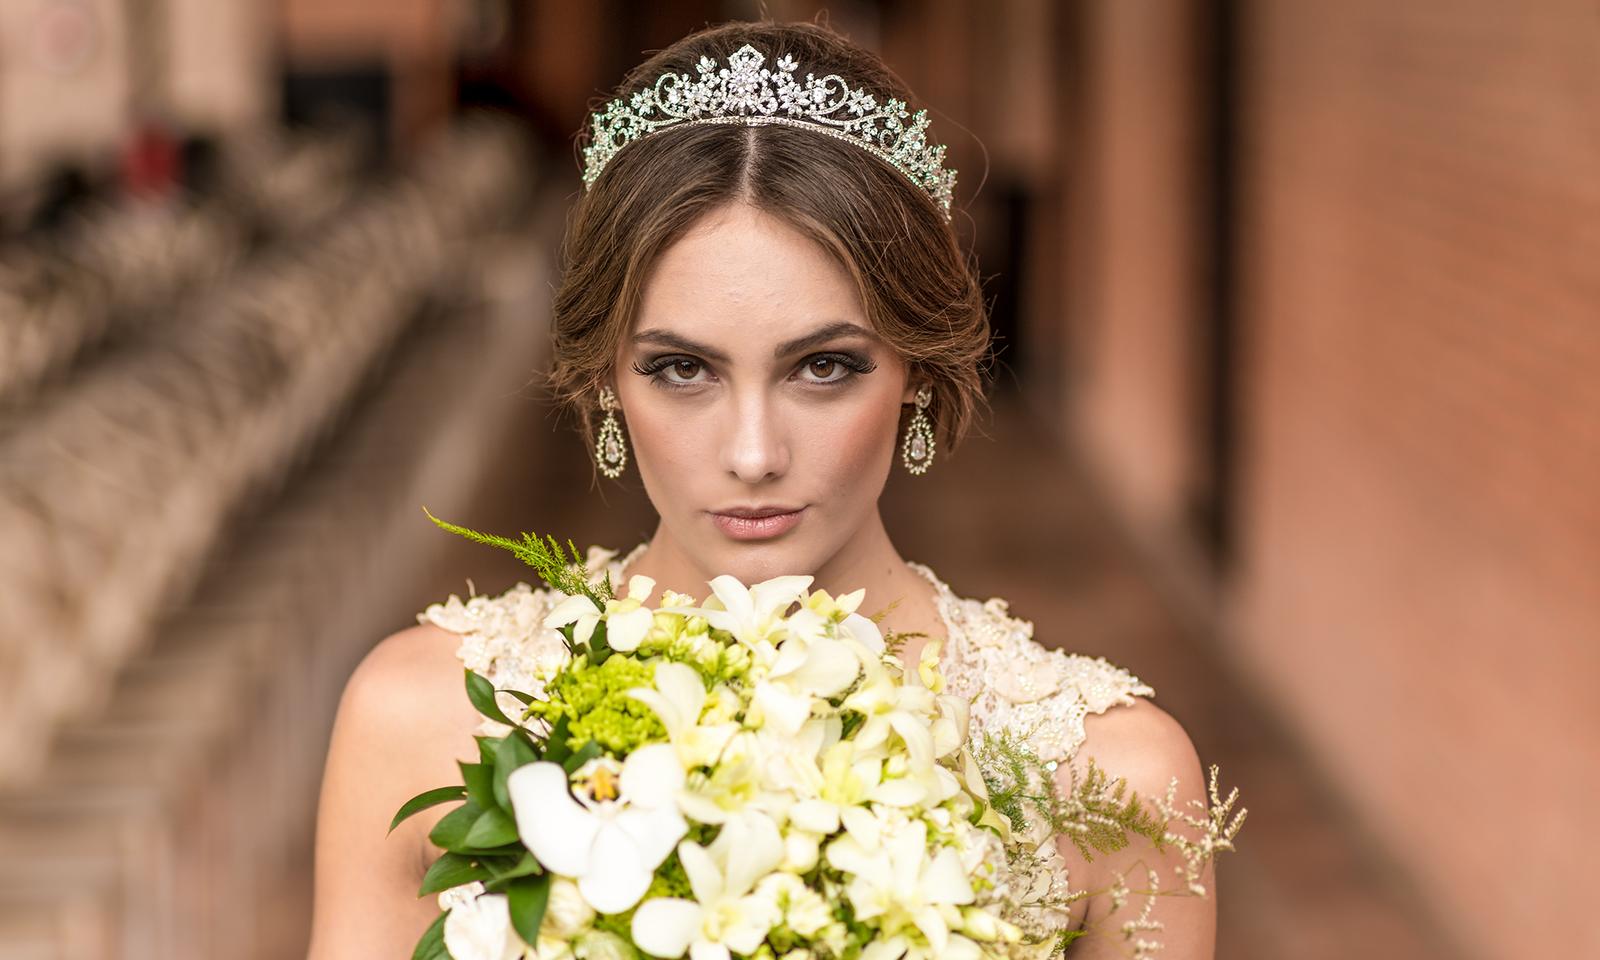 Casamento de Fotógrafo de Ensaio pós casamento em Catedral Anglicana - São Paulo